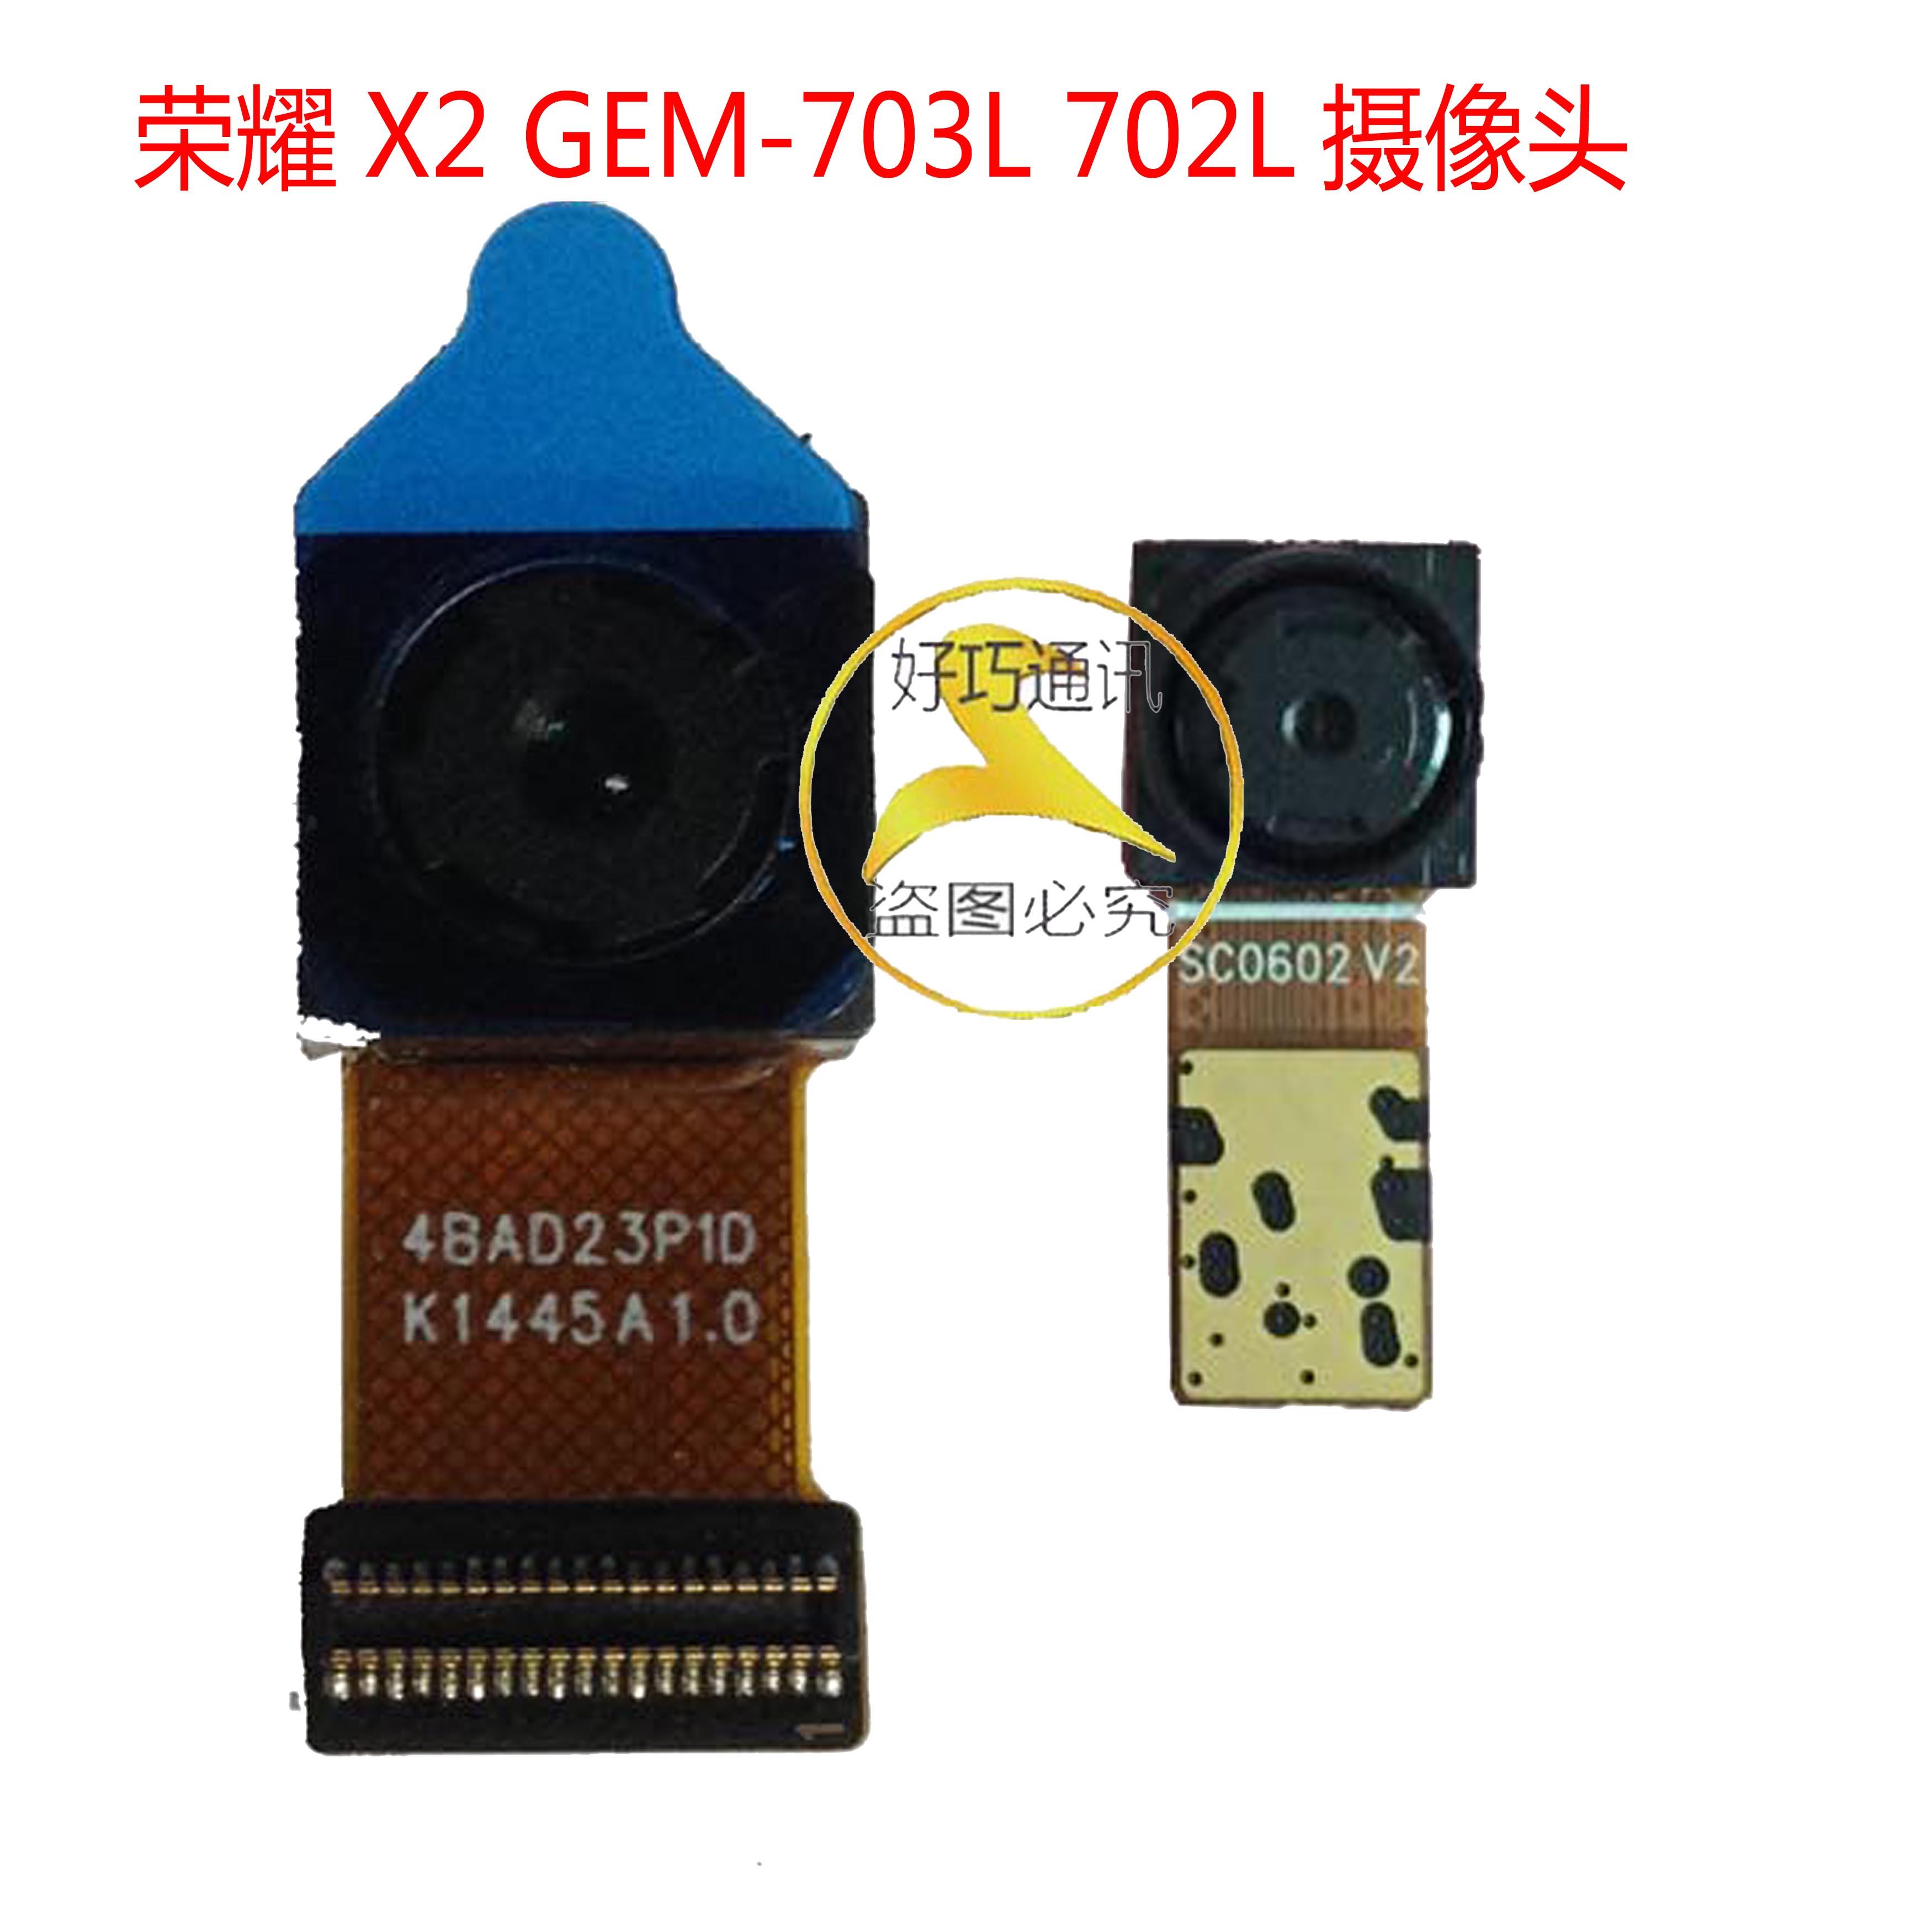 适用华为荣耀X2 GEM-703L前后摄像头 X2 GEM-703L前置后置摄像头